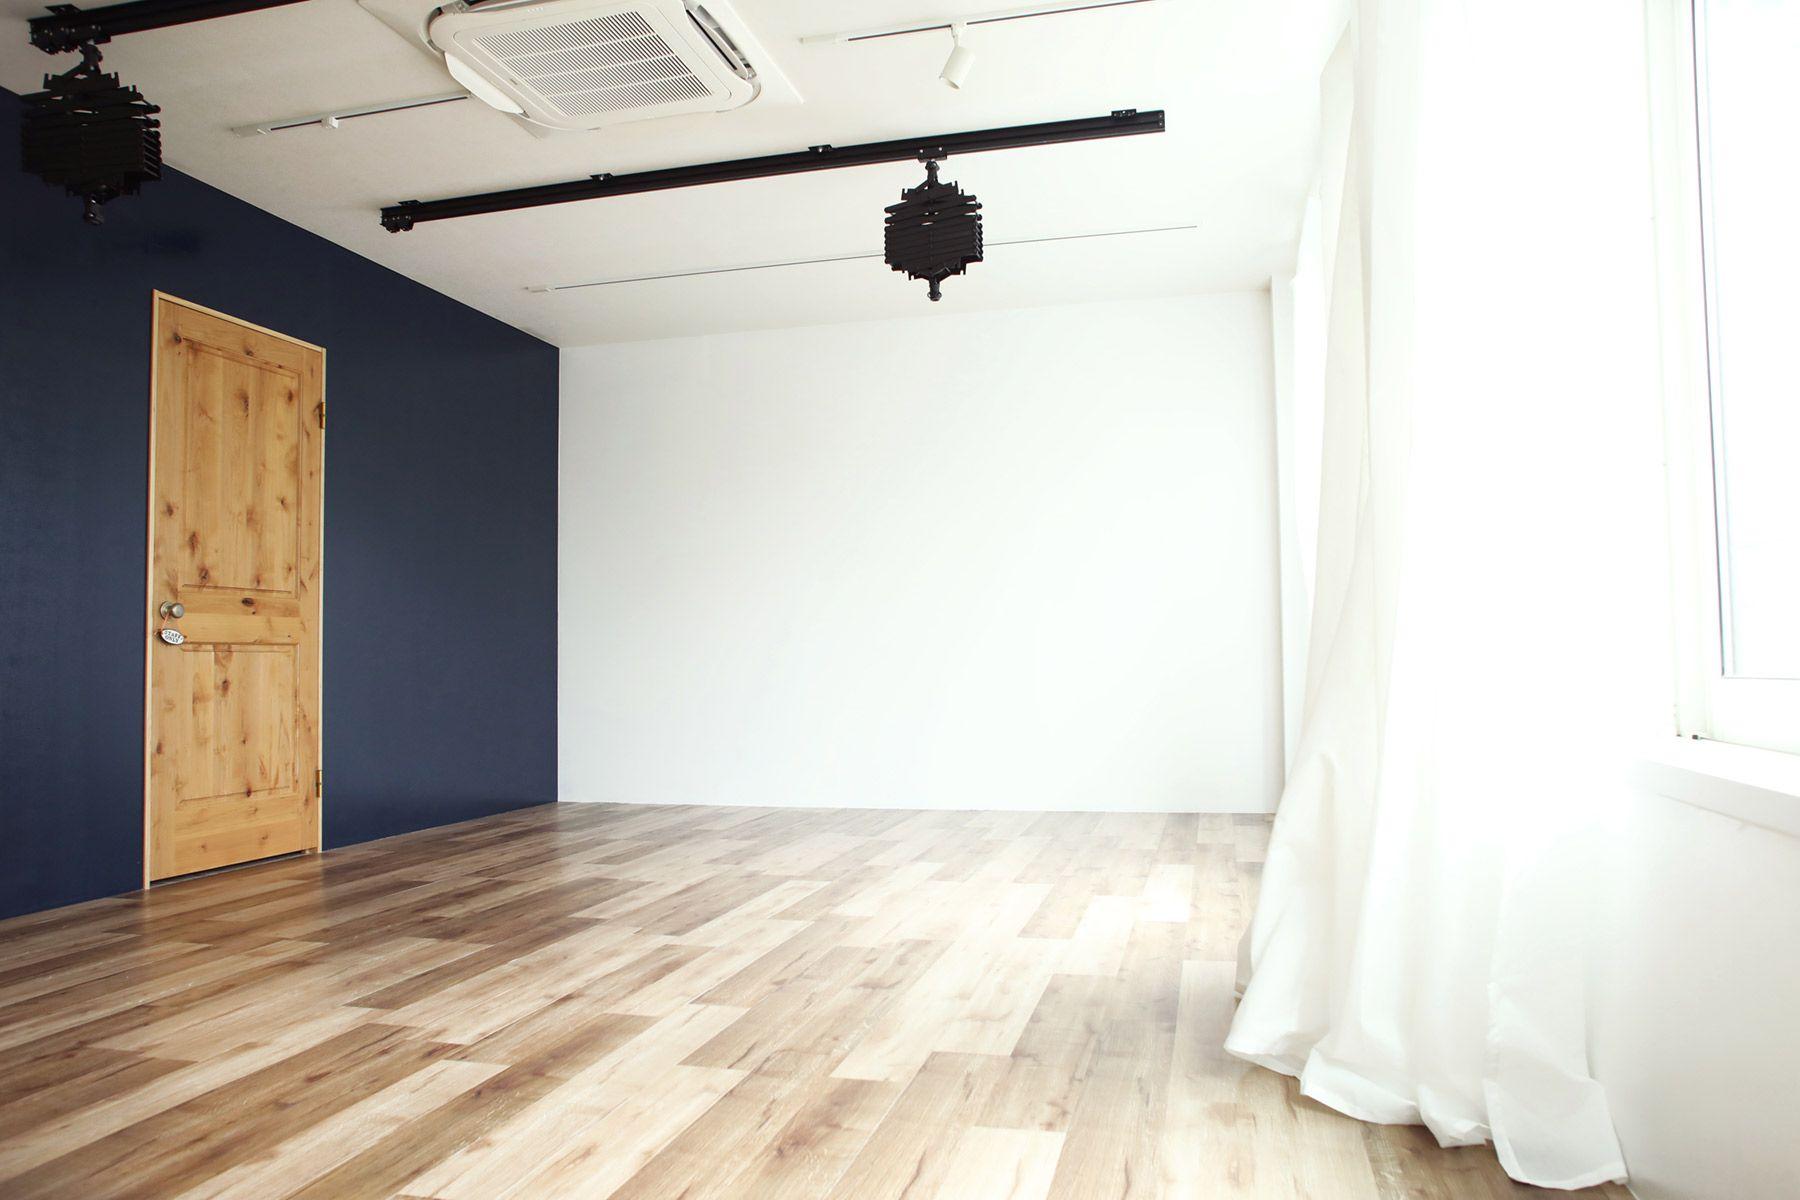 荻窪写真館スタジオ (オギクボシャシンカン)日中は日が入ります